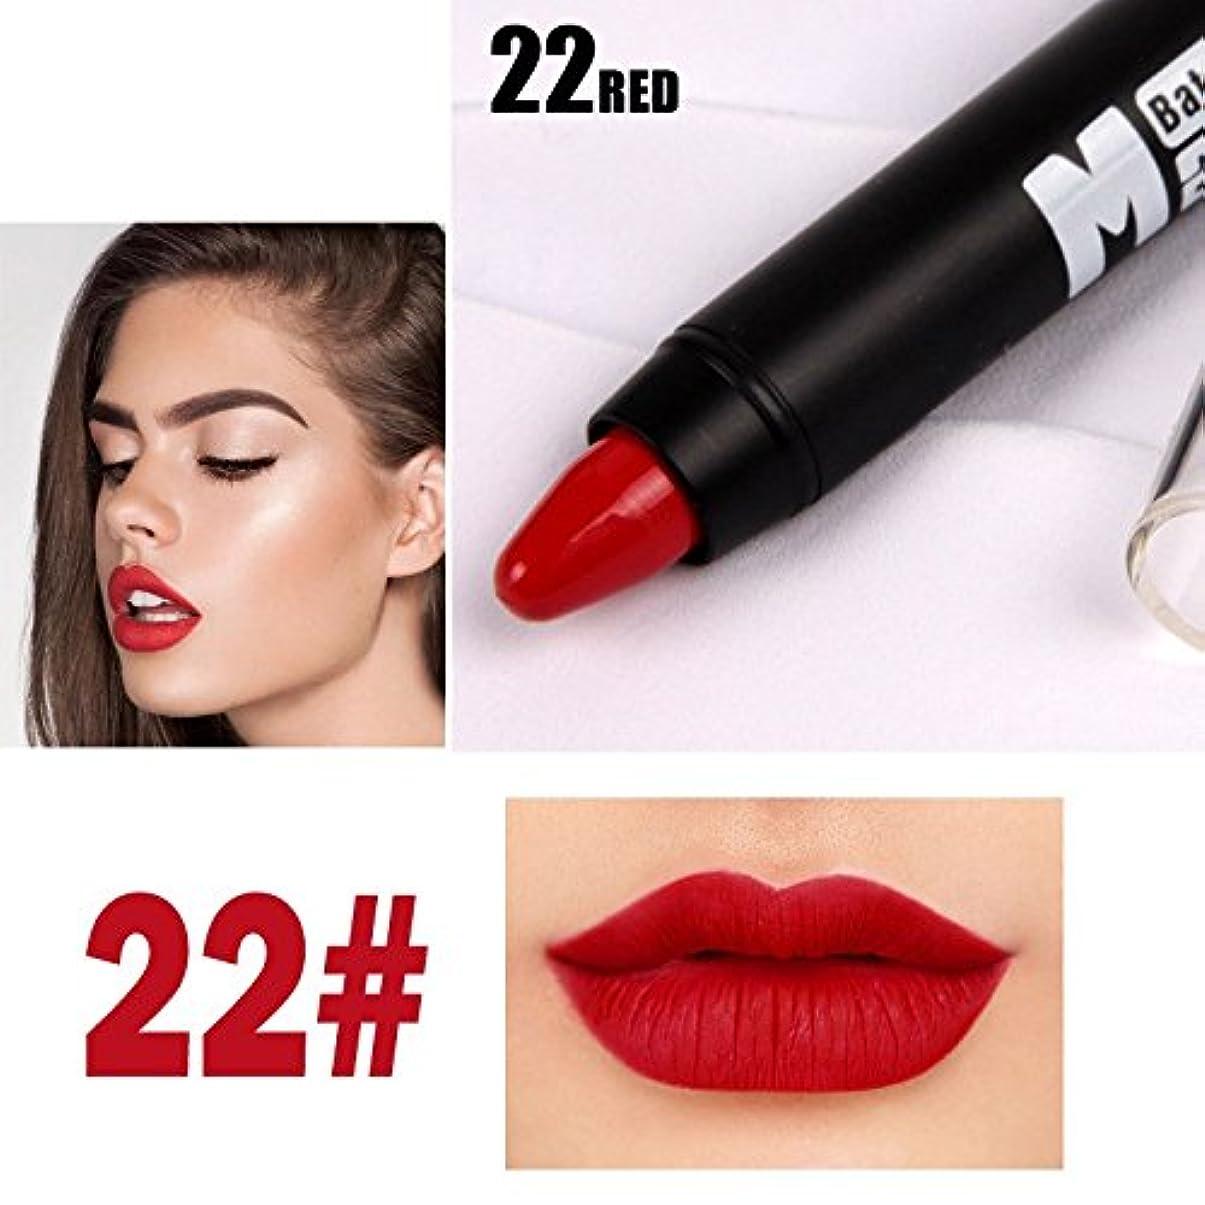 ダイジェスト検体現象MISS ROSE Professional Women Waterproof Lipstick Lips Cream Beauty Lote Batom Matte Lipstick Nude Pencils Makeup